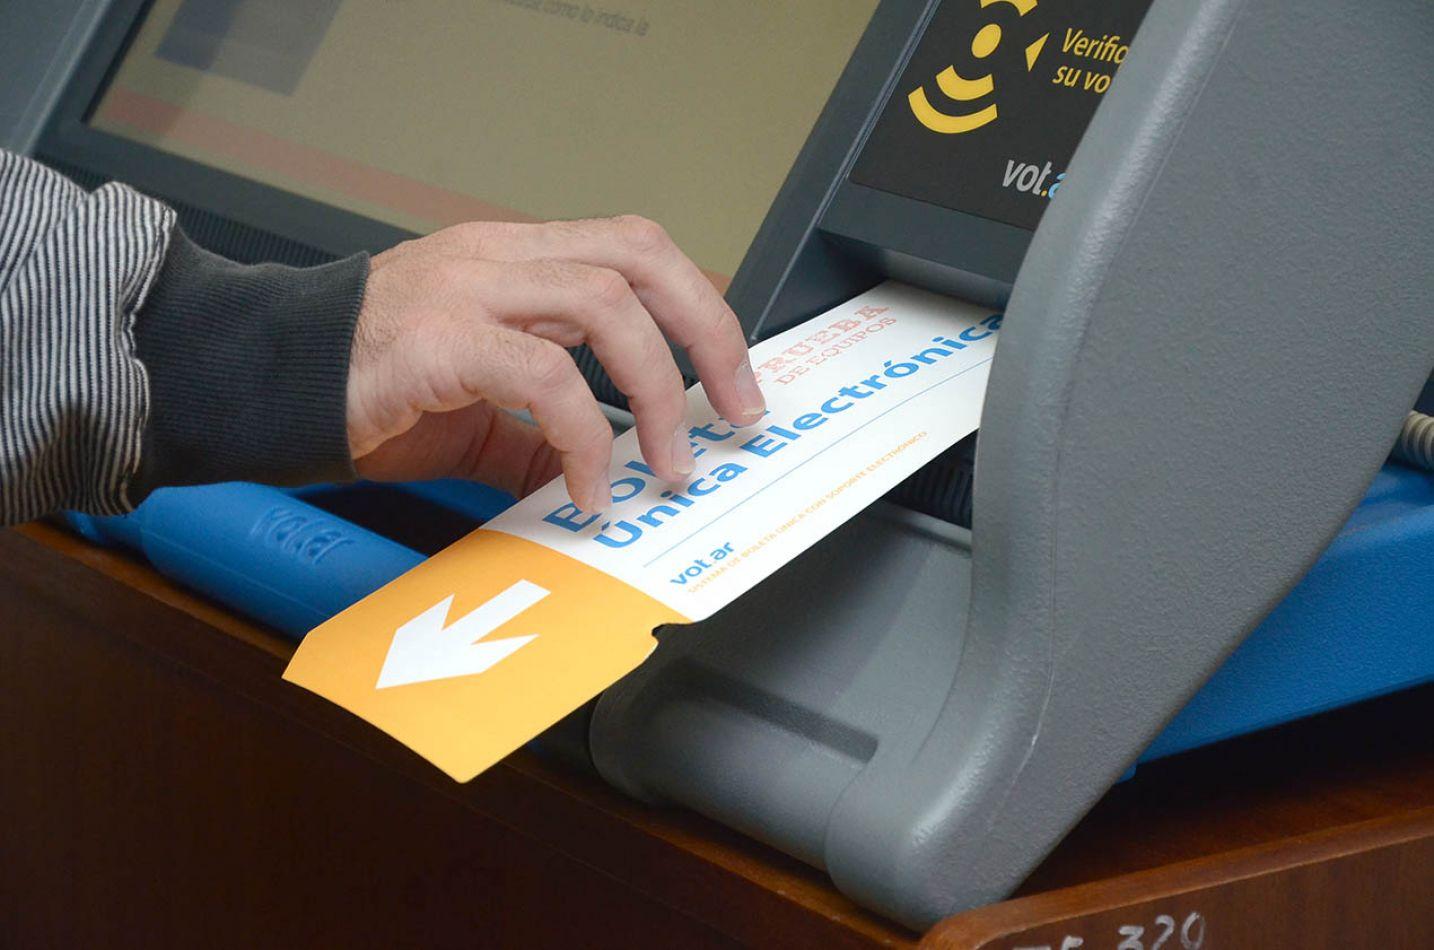 Sigue el sistema de voto electrónico